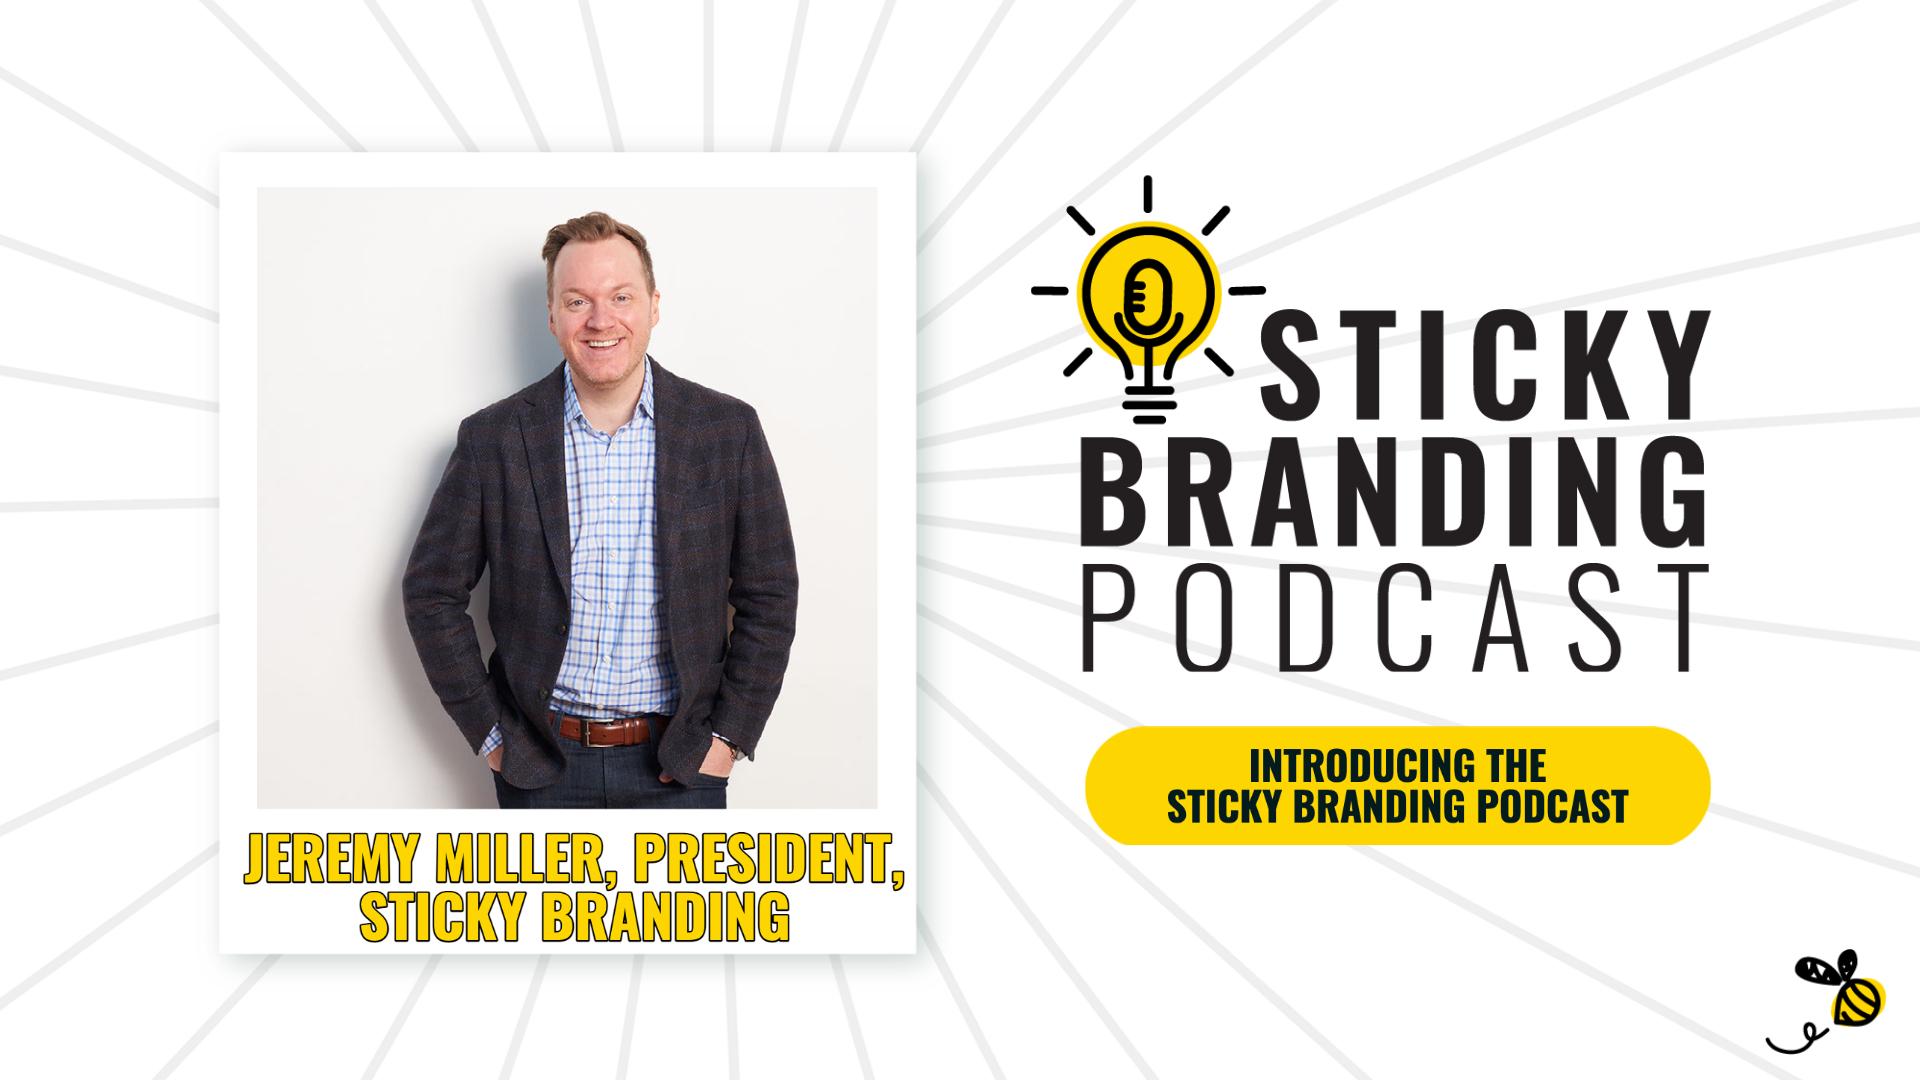 Sticky Branding Podcast